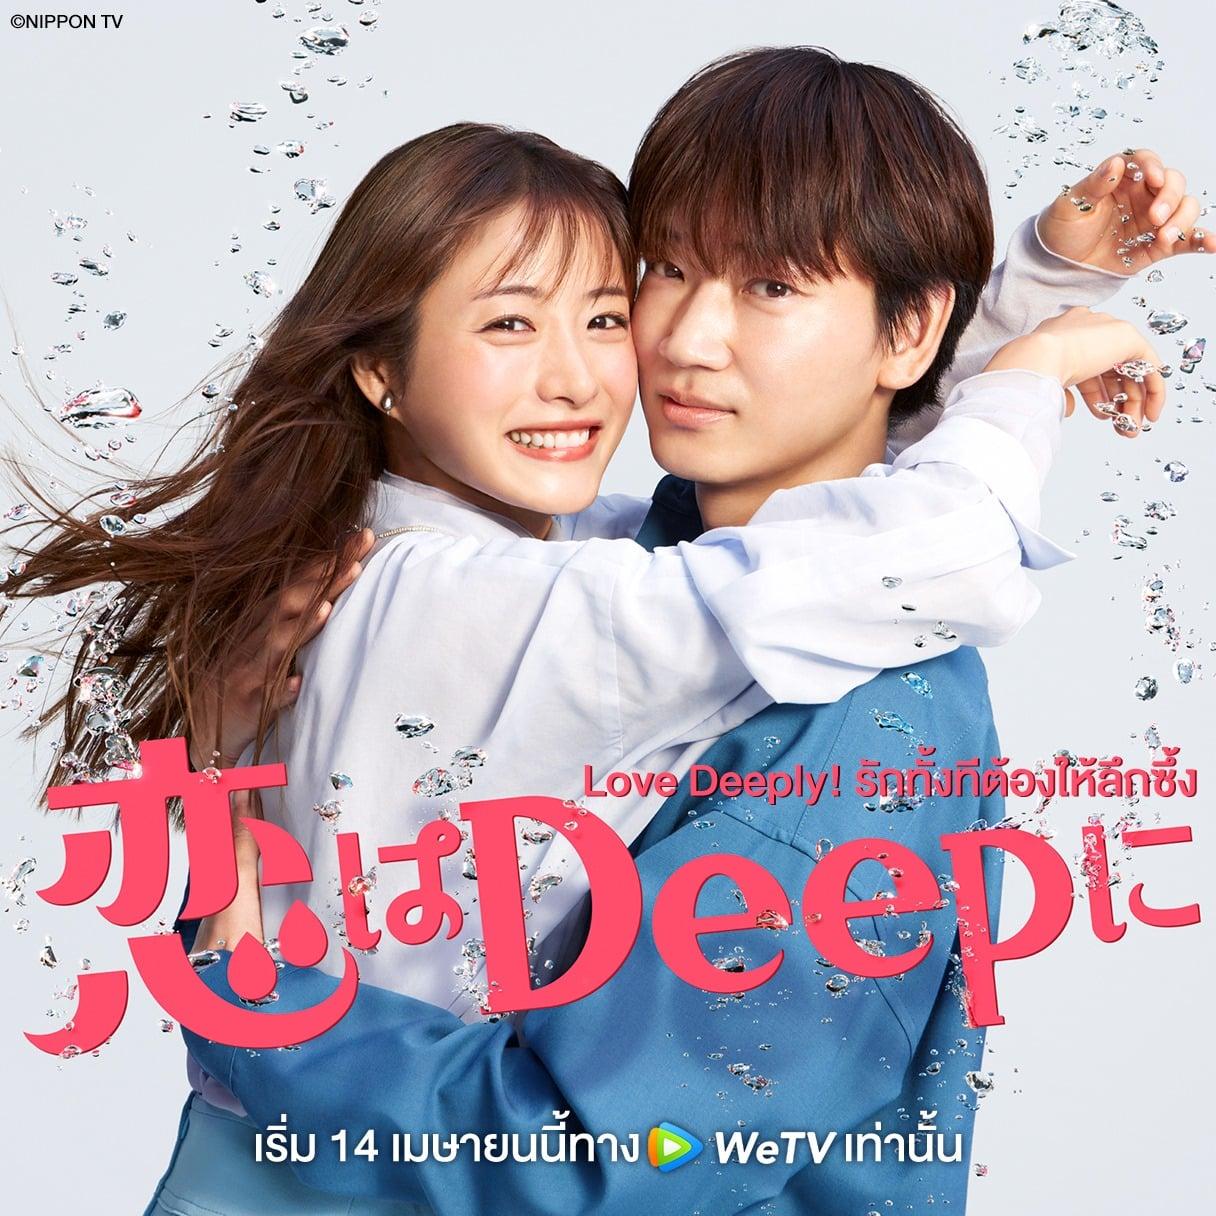 Love Deeply! (2021) รักทั้งทีต้องให้ลึกซึ้ง ซับไทย EP1-EP10 [จบ]